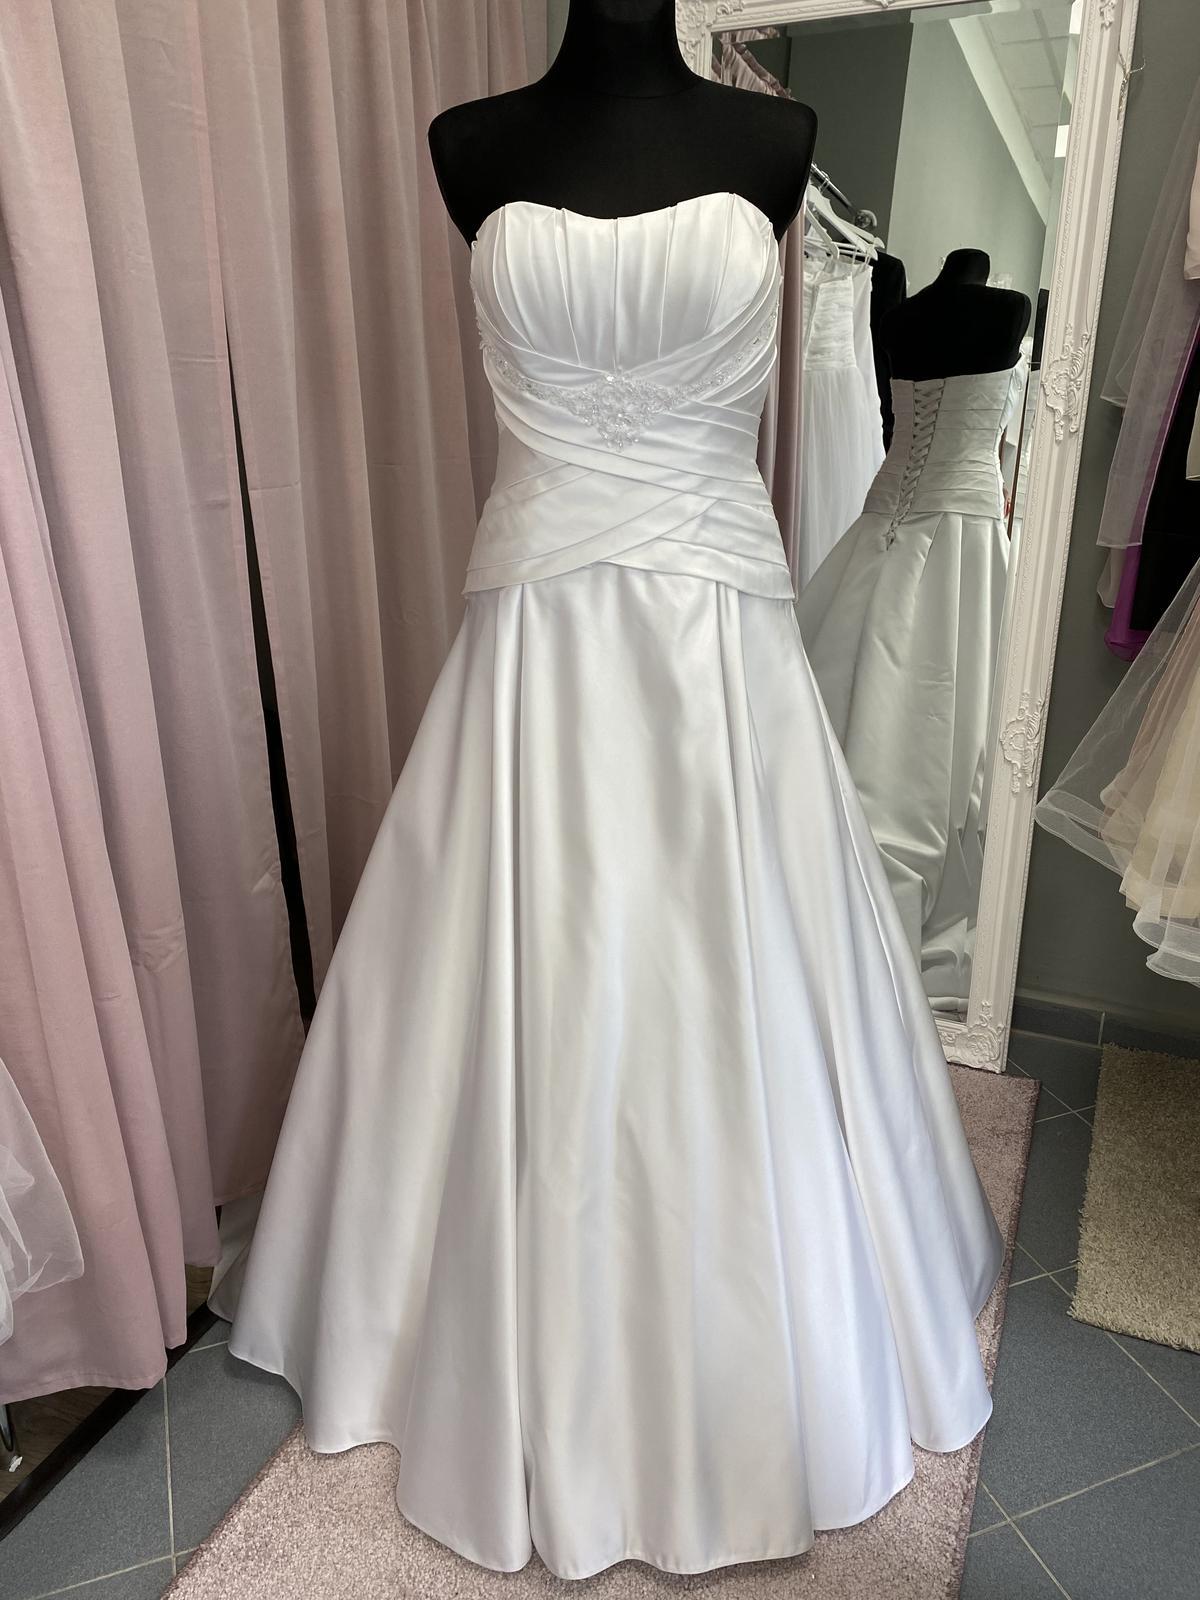 Biele saténové šaty - Obrázok č. 1